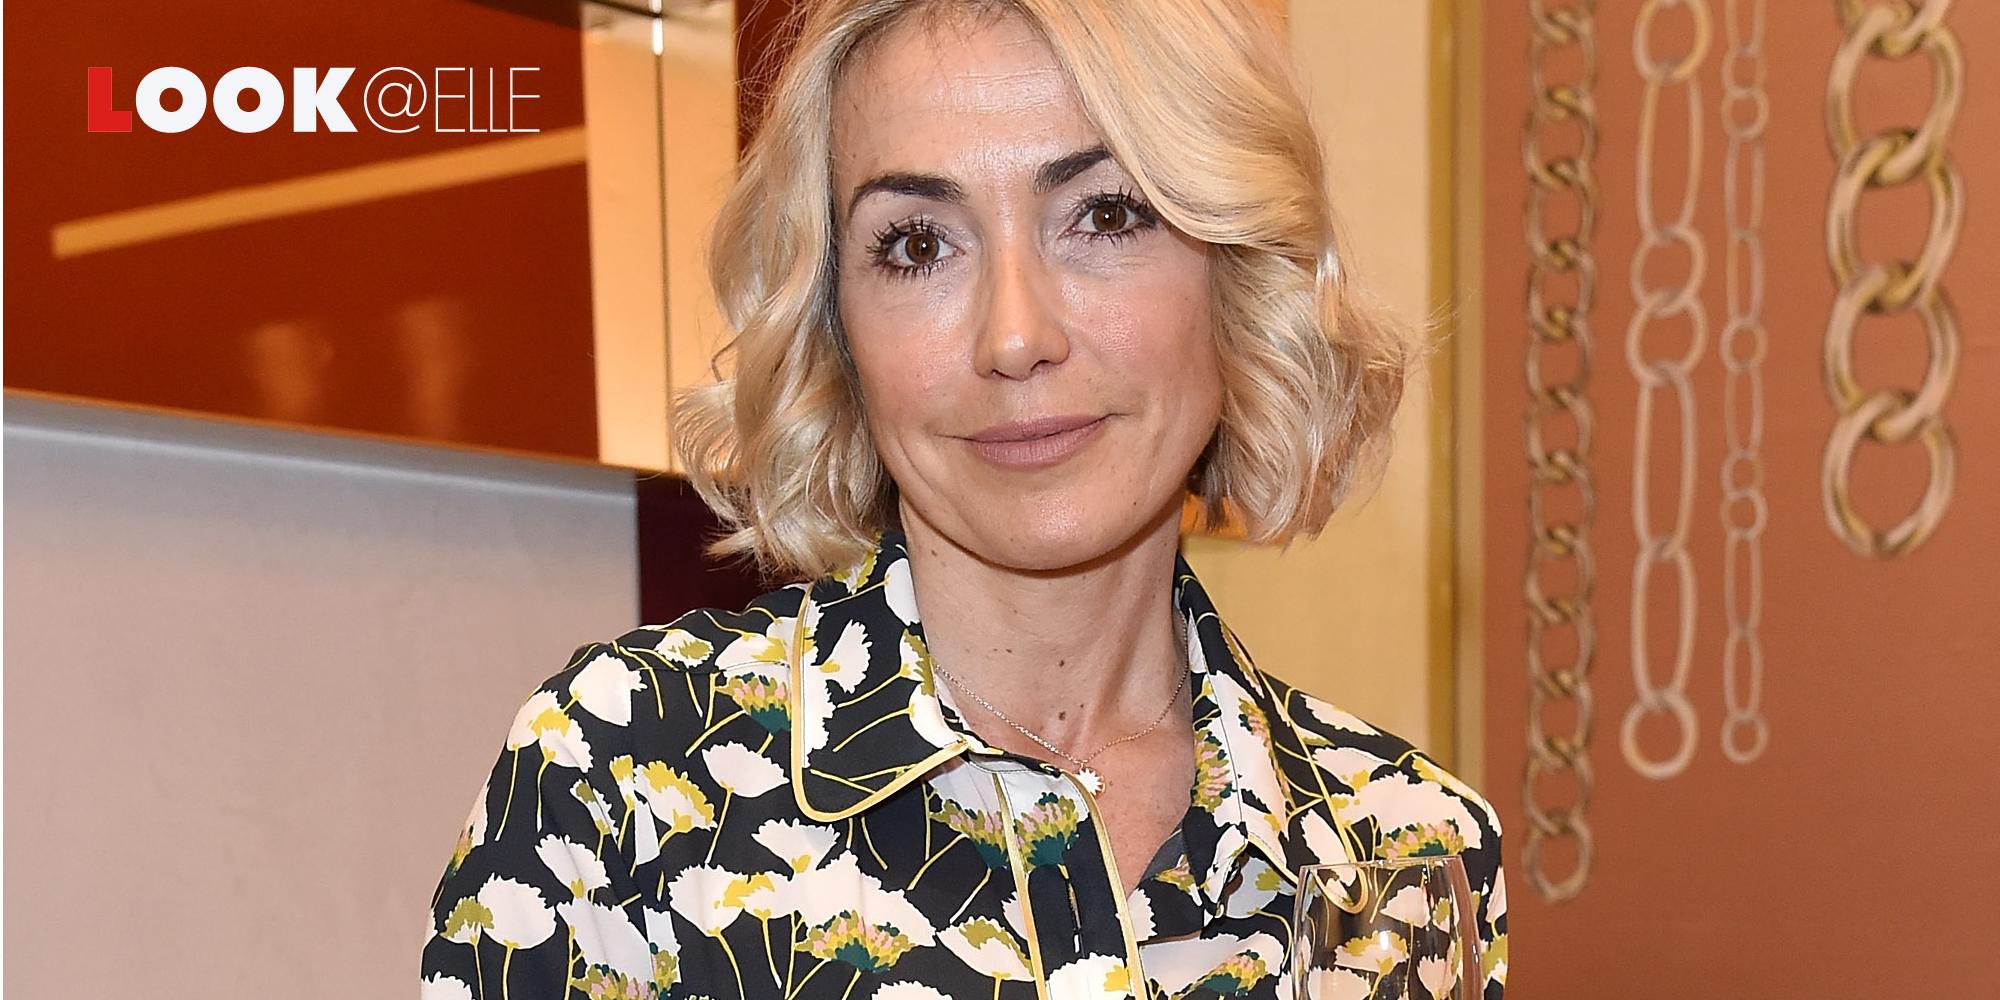 Il vestito arancione tramonto di Francesca Senette è una dedica alle tendenza romantiche dell'Autunno Inverno 2019 2020